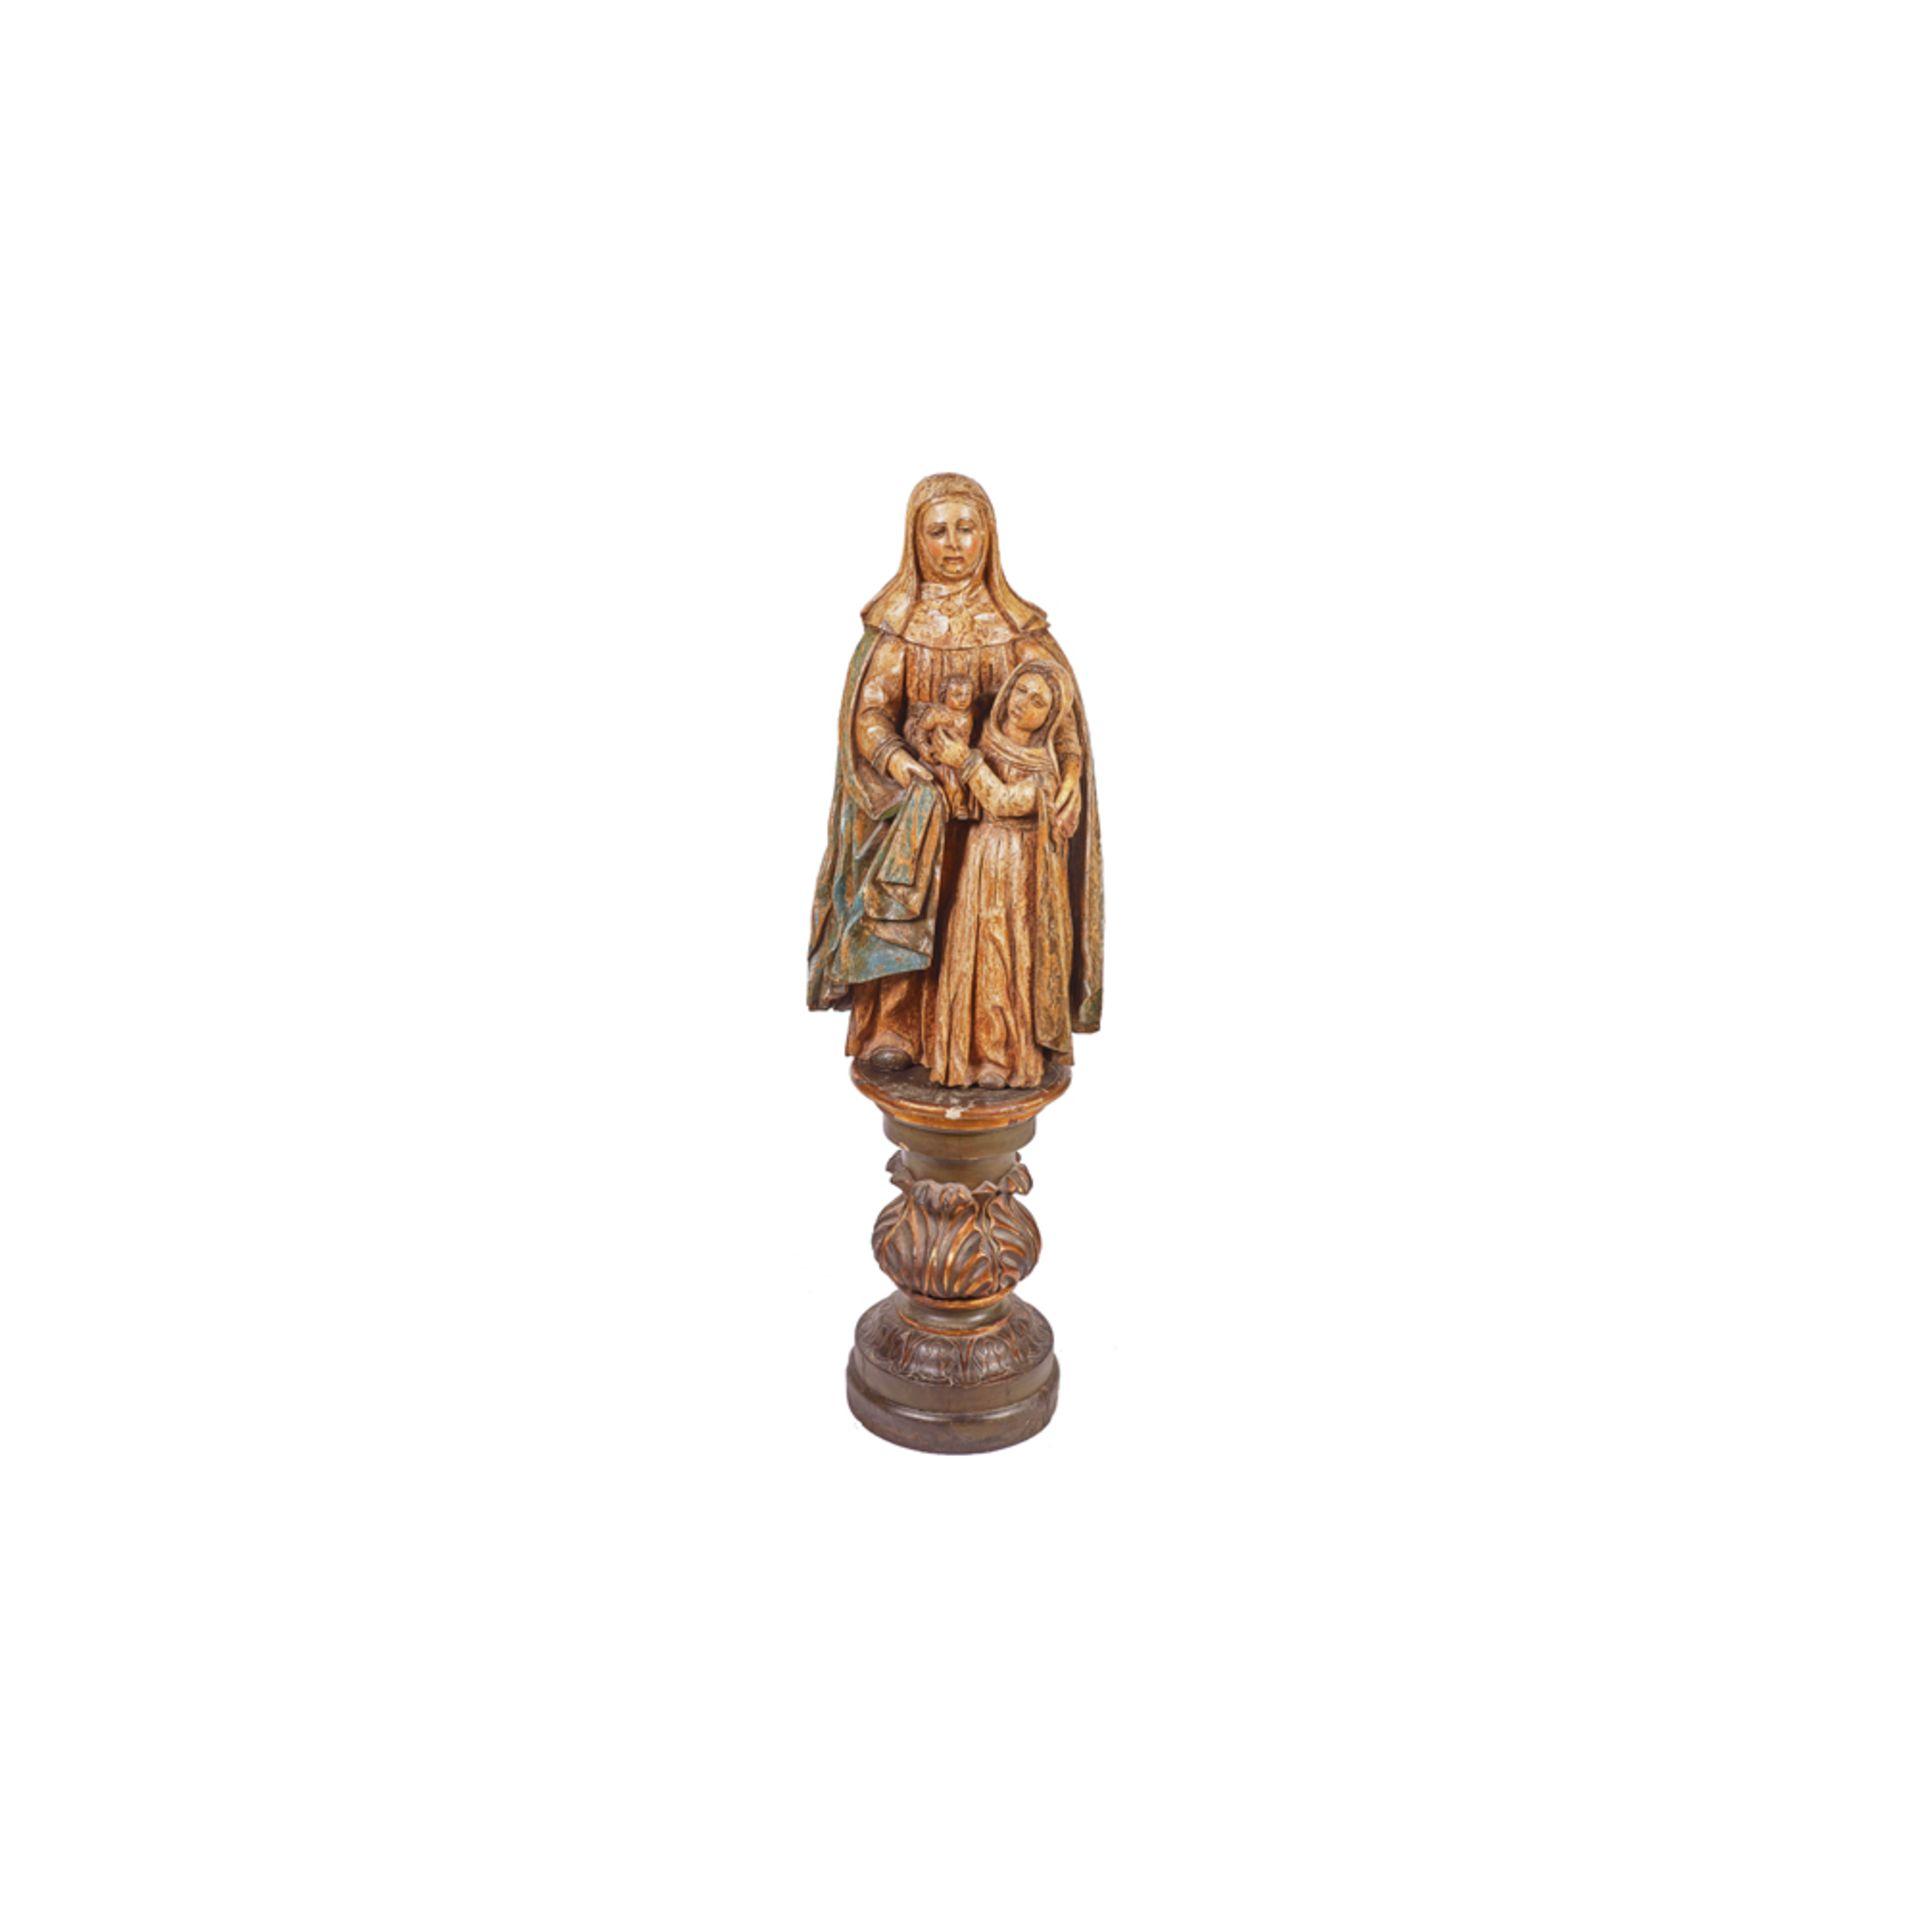 Los 9 - Escuela española, s.XVI. Santa Ana, la Virgen y el Niño. Escultura en madera tallada y policromada.